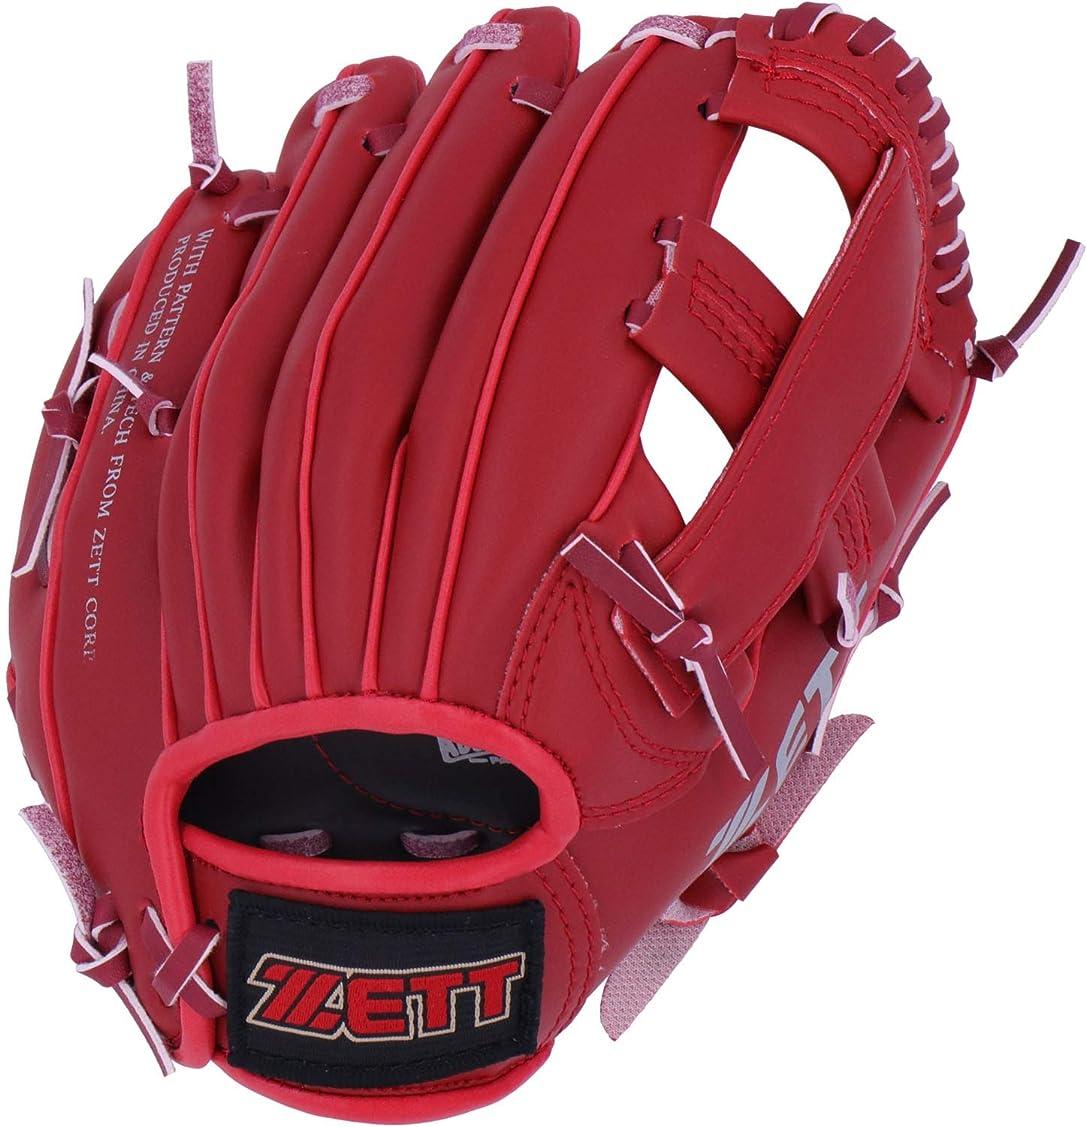 突破口バーマド並外れてゼット(ZETT) 少年野球 軟式 グローブ オールラウンド 初心者用 衝撃吸収パッド付き 9.5インチ (幼児用) レッド BDG2212